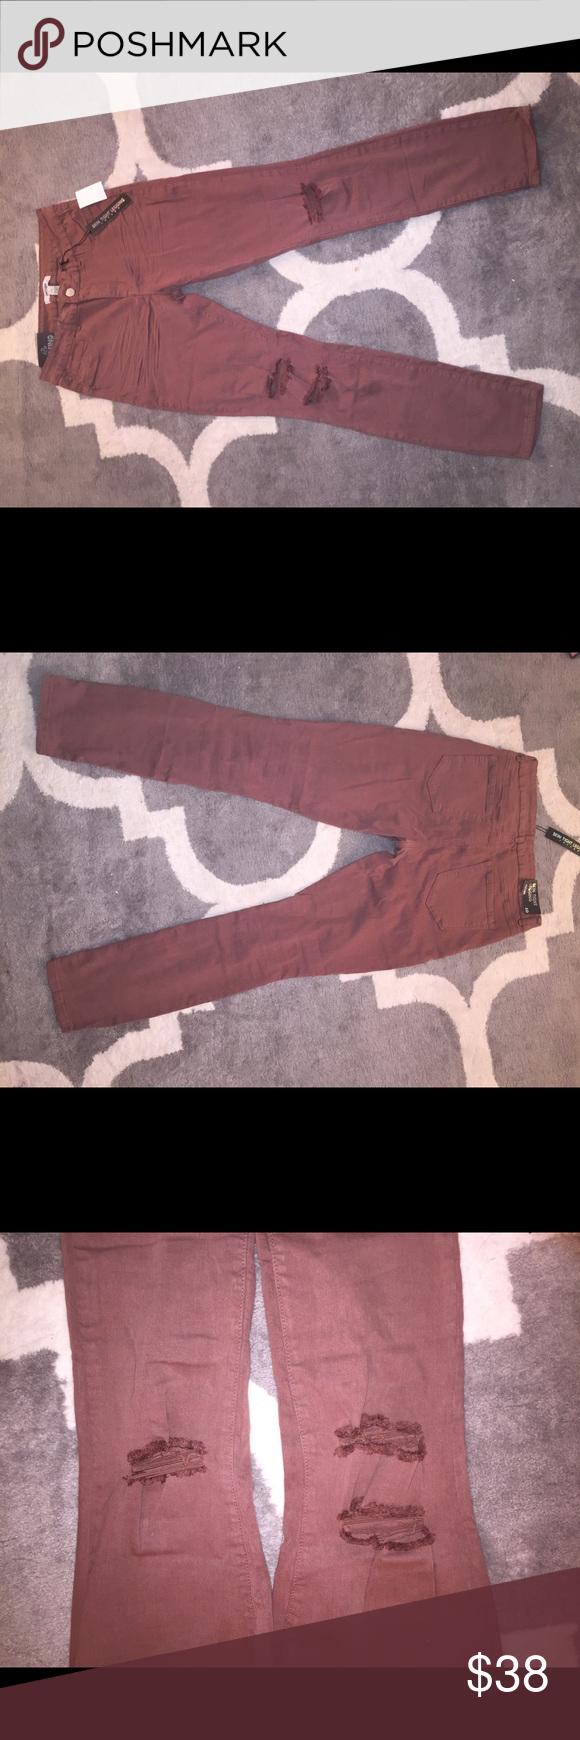 """Destroyed Jeans Size 10 Refuge """"Skin Tight Legging"""" Destroyed Jeans Mauve color Stretch fit Charlotte Russe Charlotte Russe Jeans Skinny"""